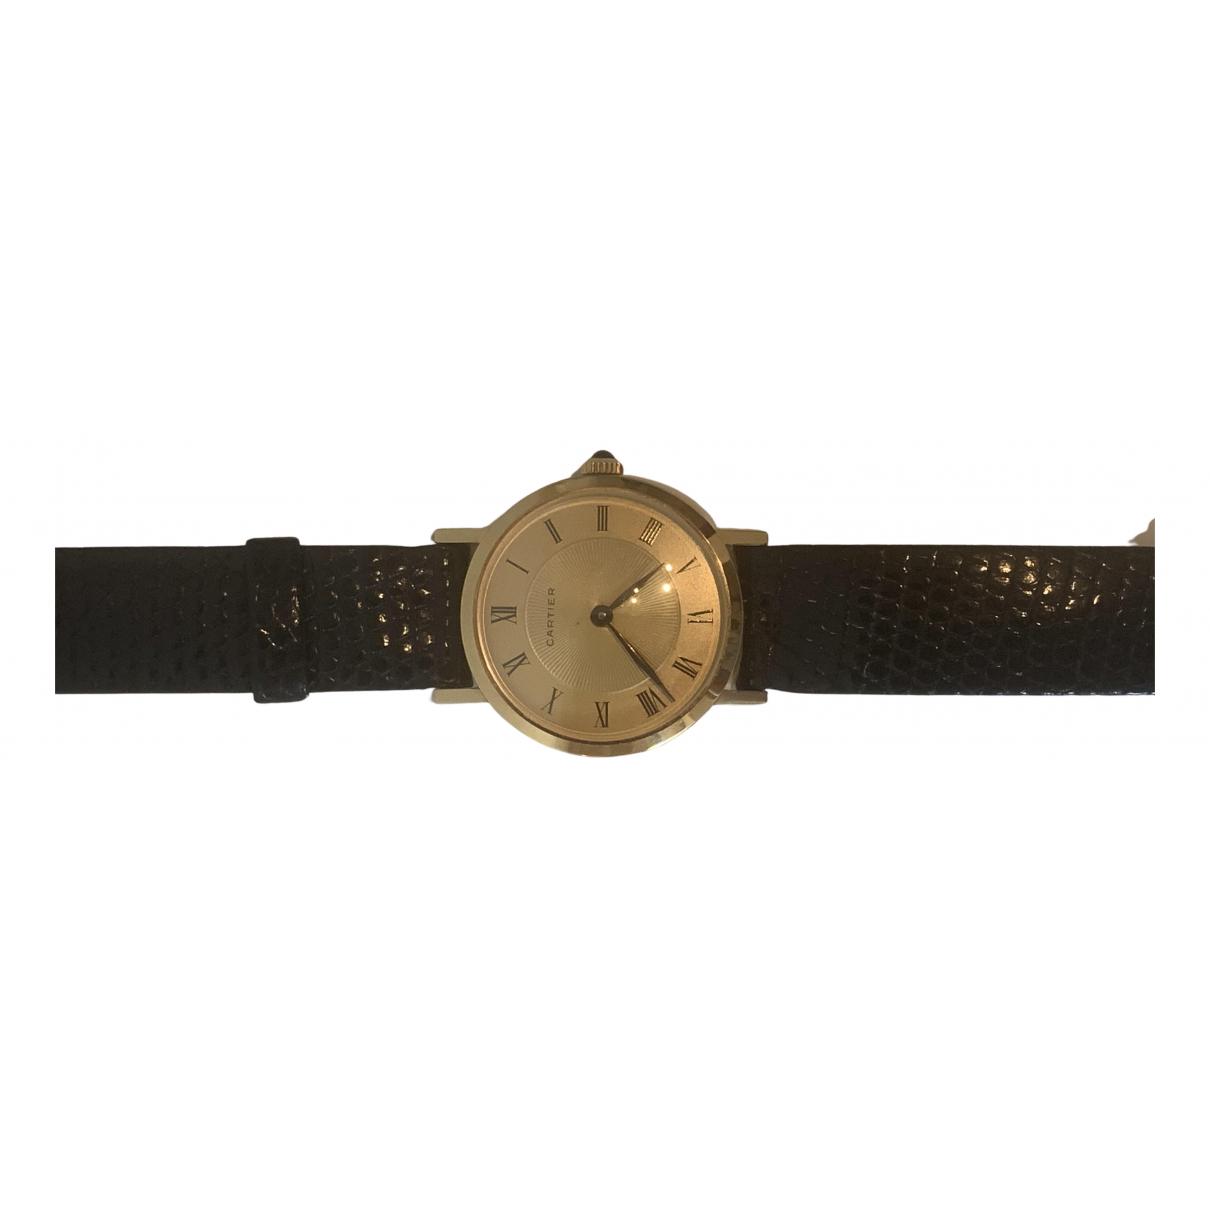 Cartier \N Uhr in  Gold Gelbgold